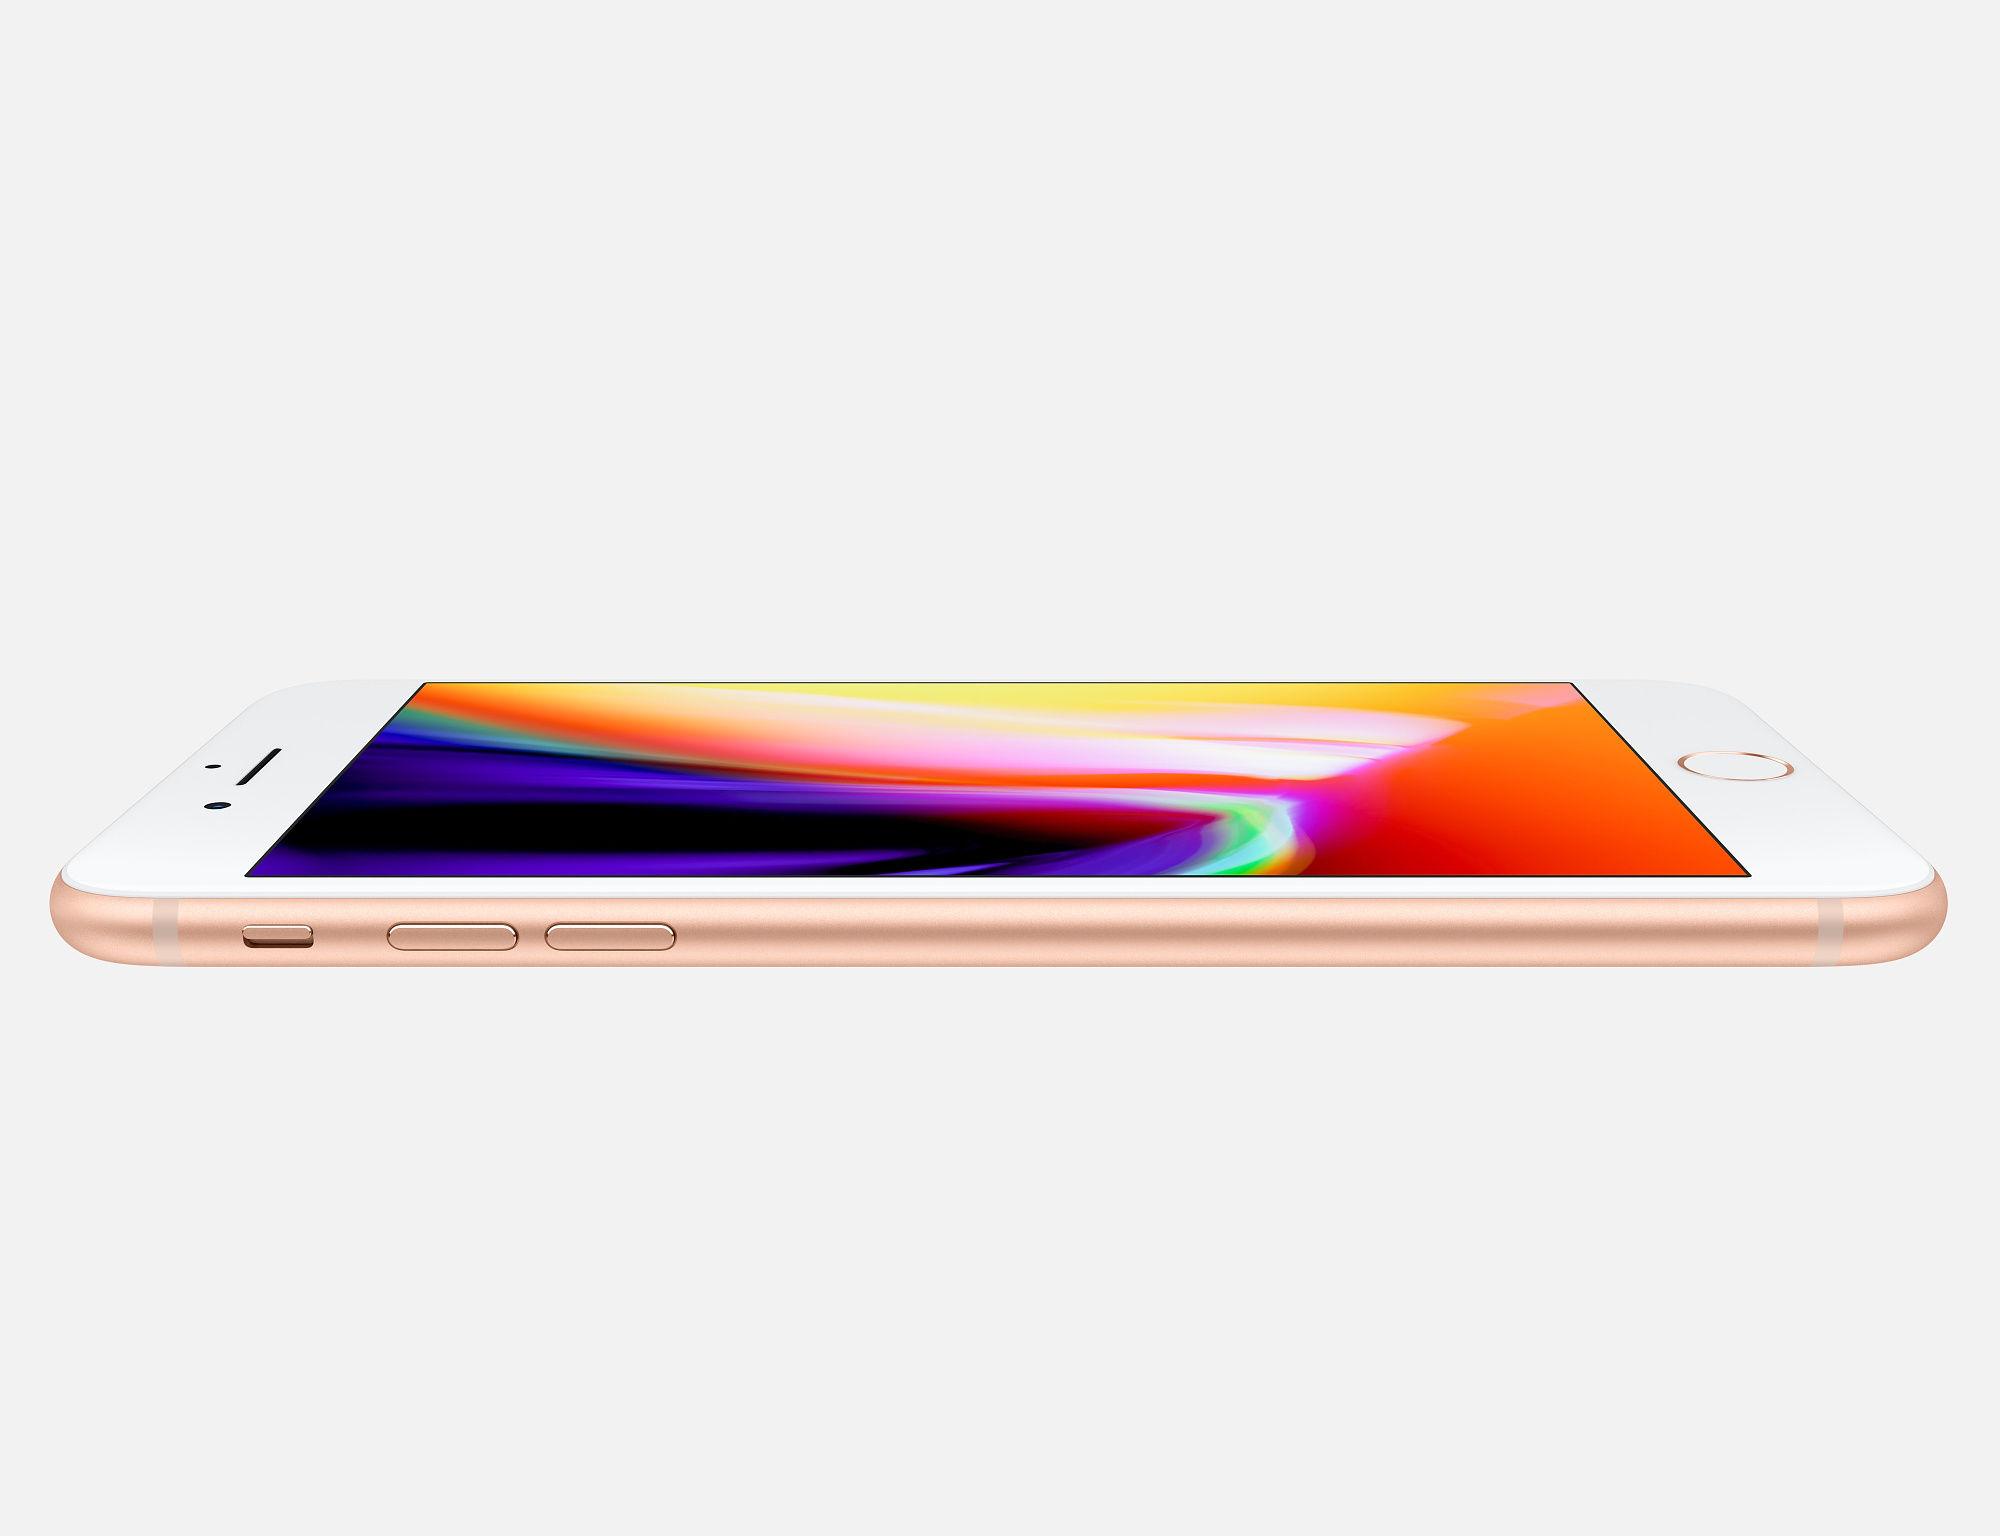 アップル「iPhoneSE2」は格安スマホ(MVNO)を救う